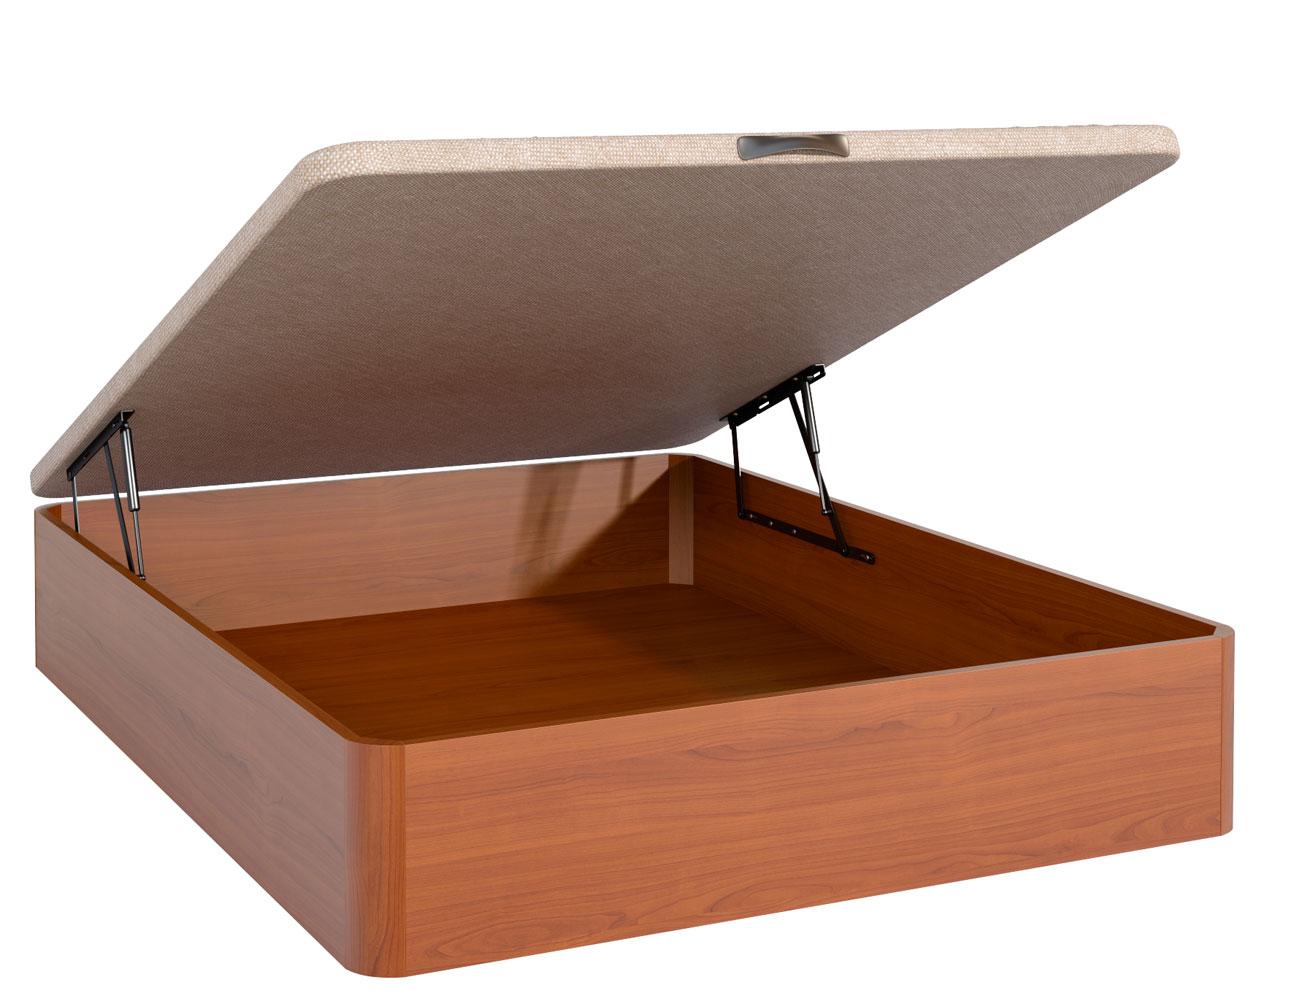 Canape madera nogal tapa 3d barato ebro abierto2